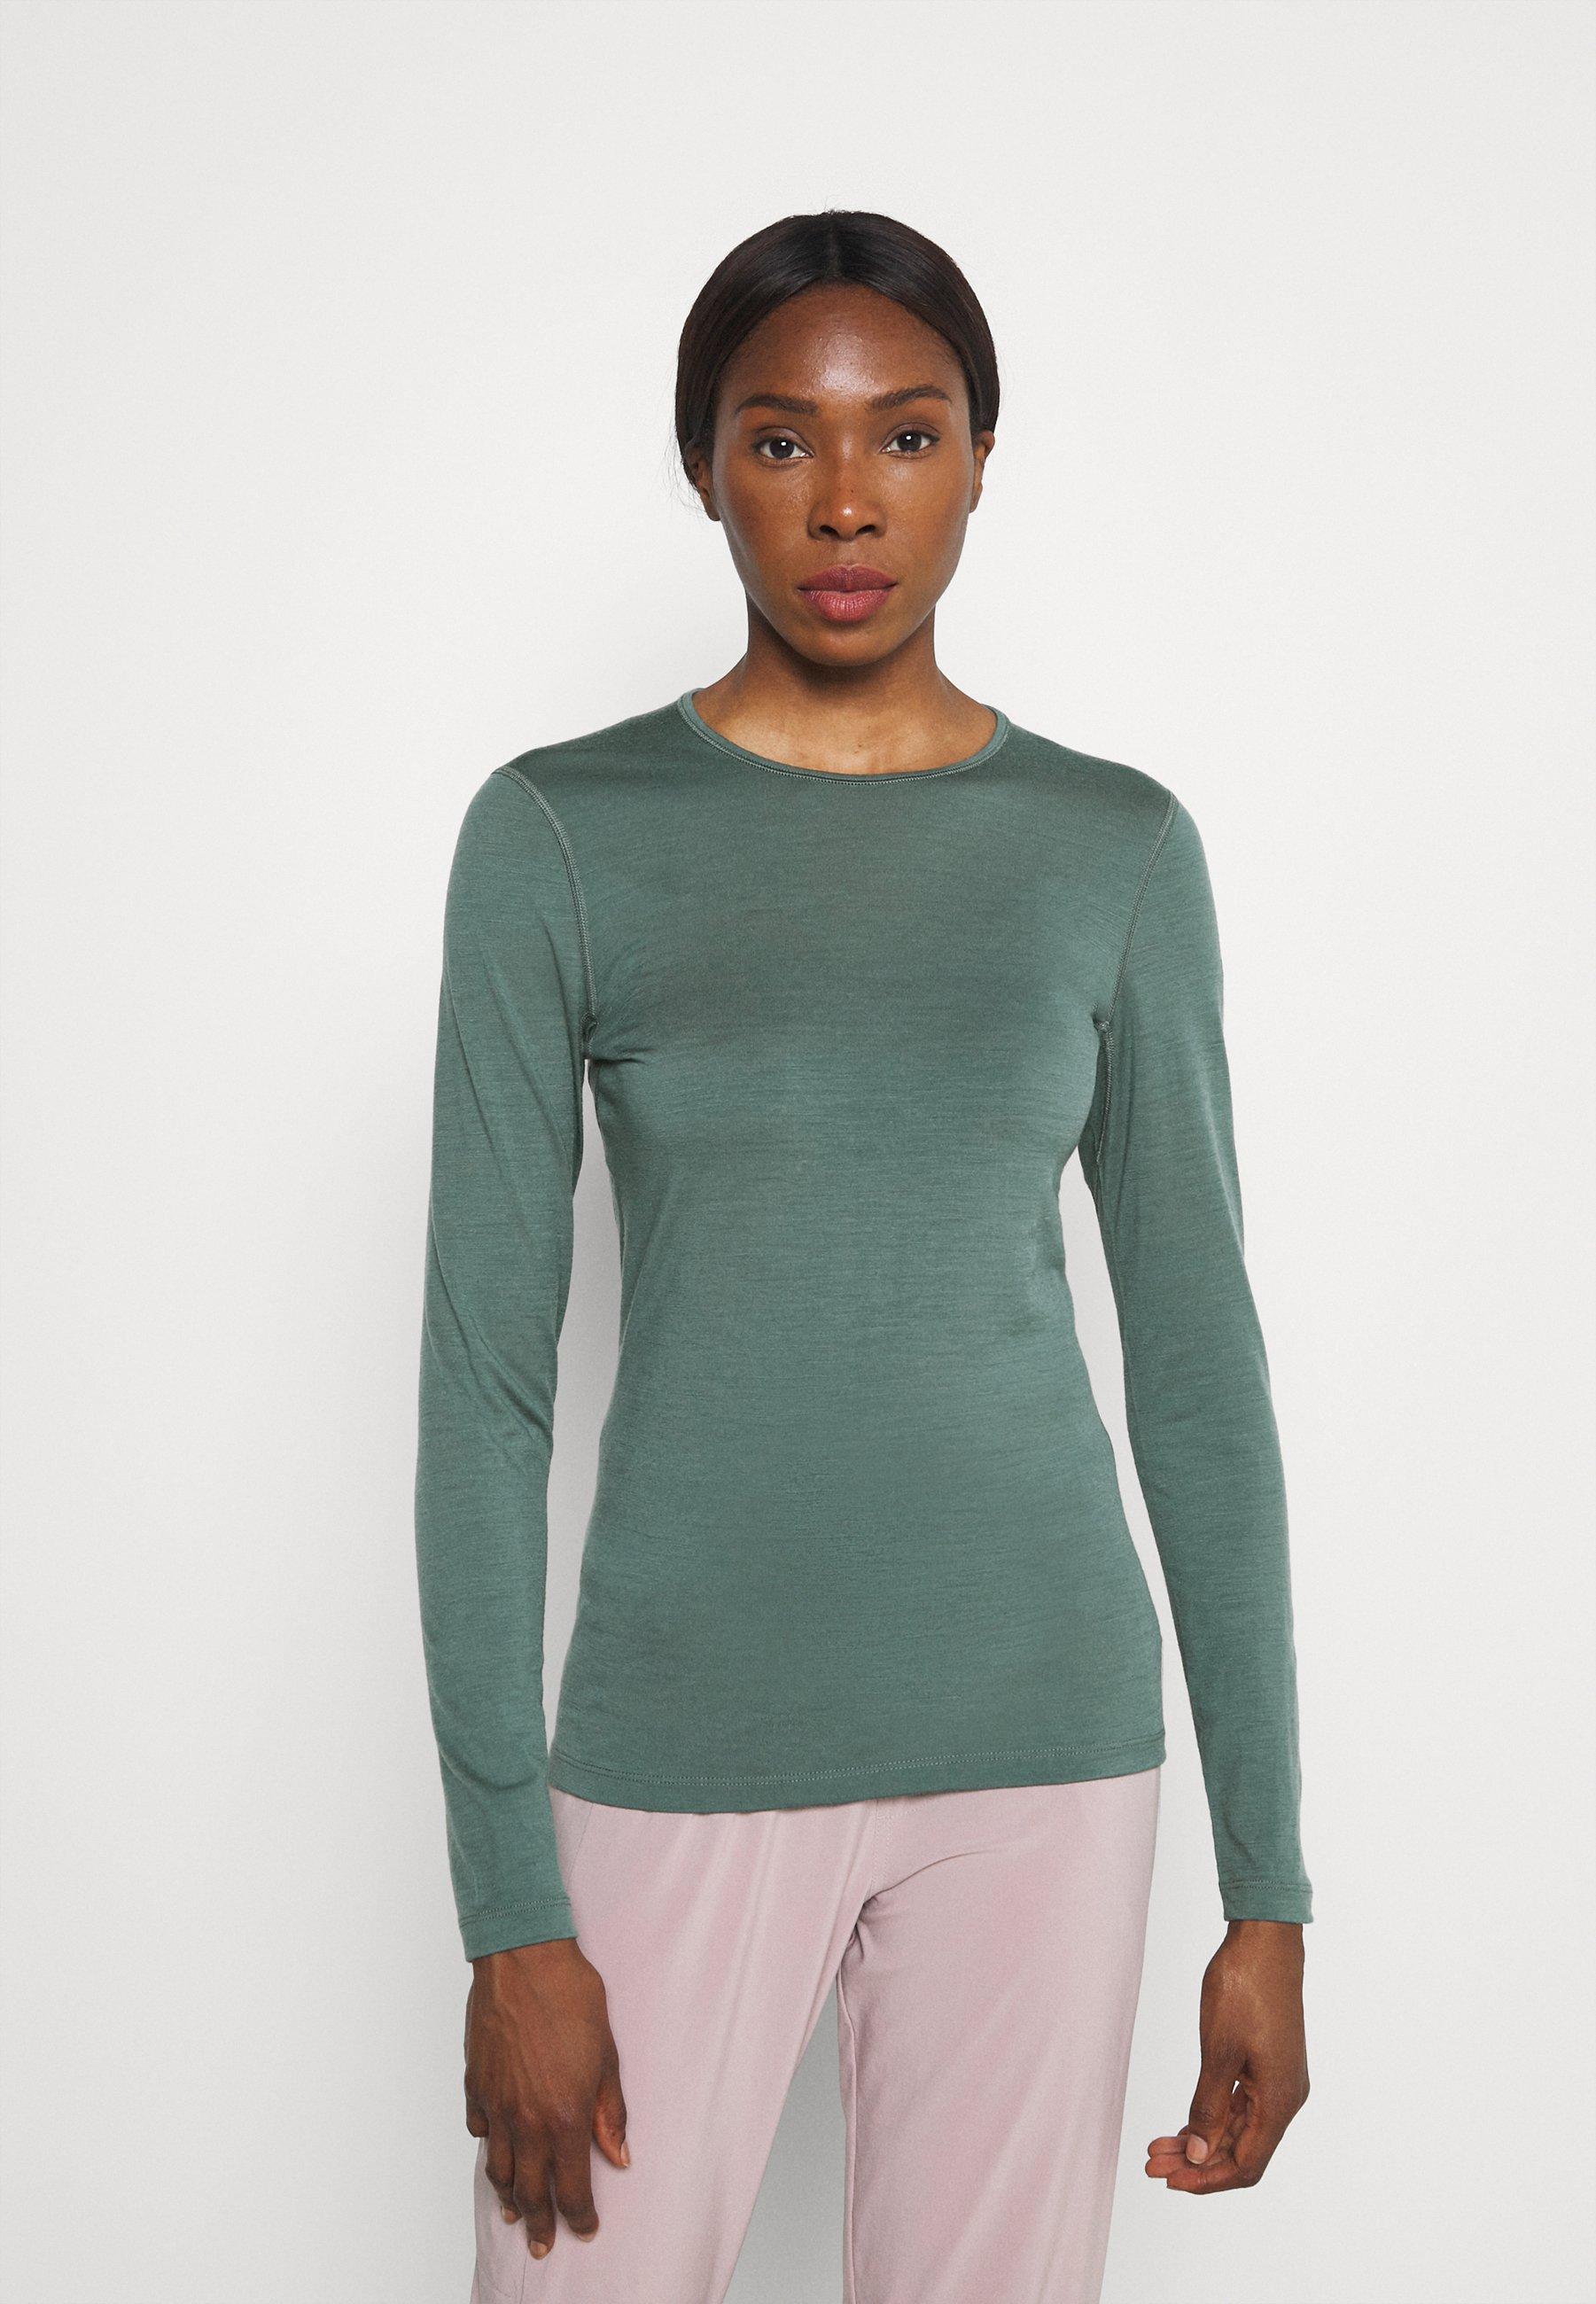 Women Undershirt